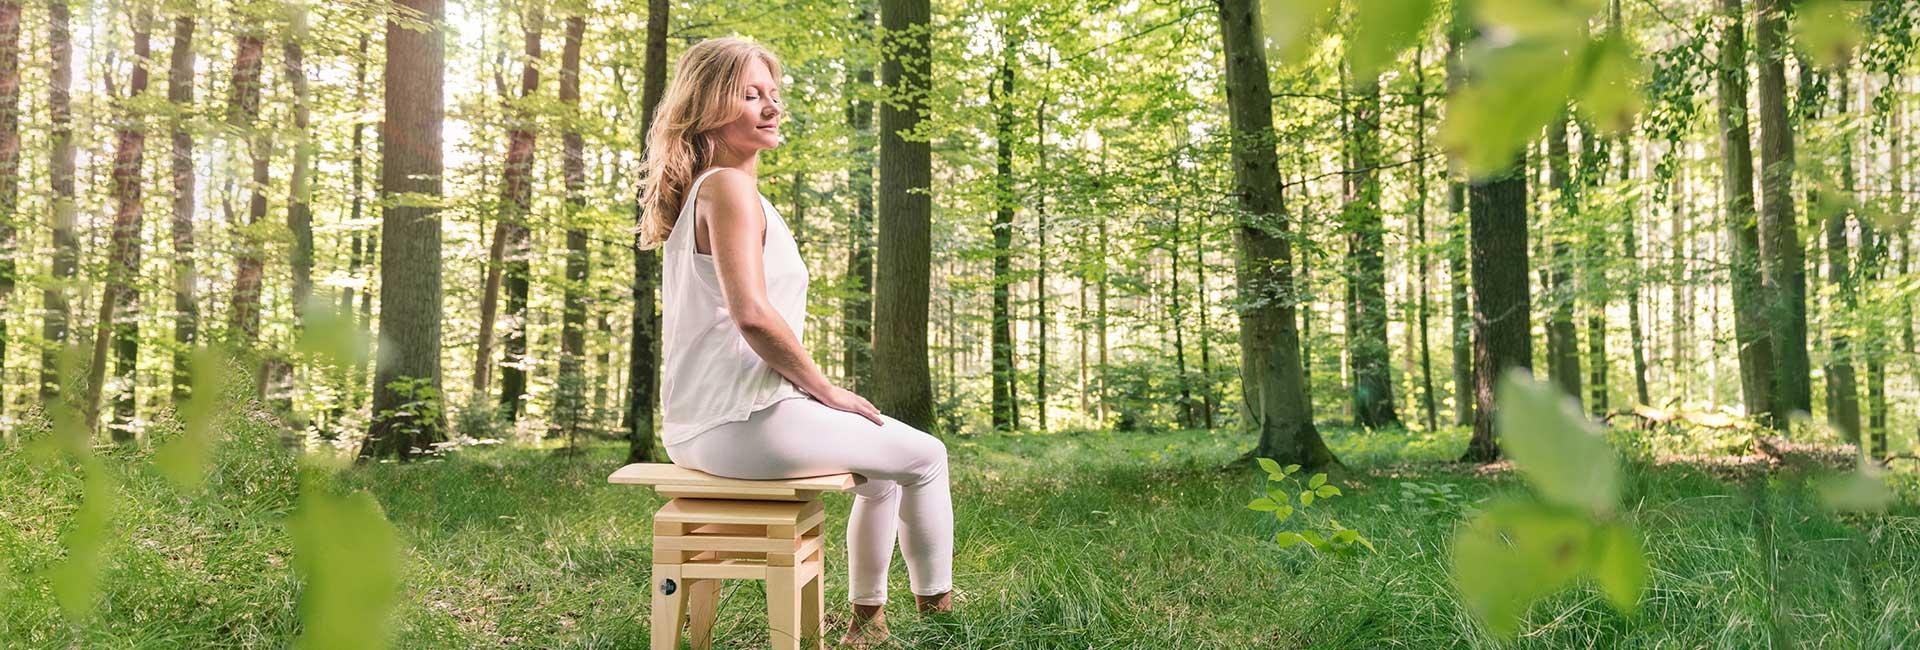 Gesundsitzen beim Meditieren